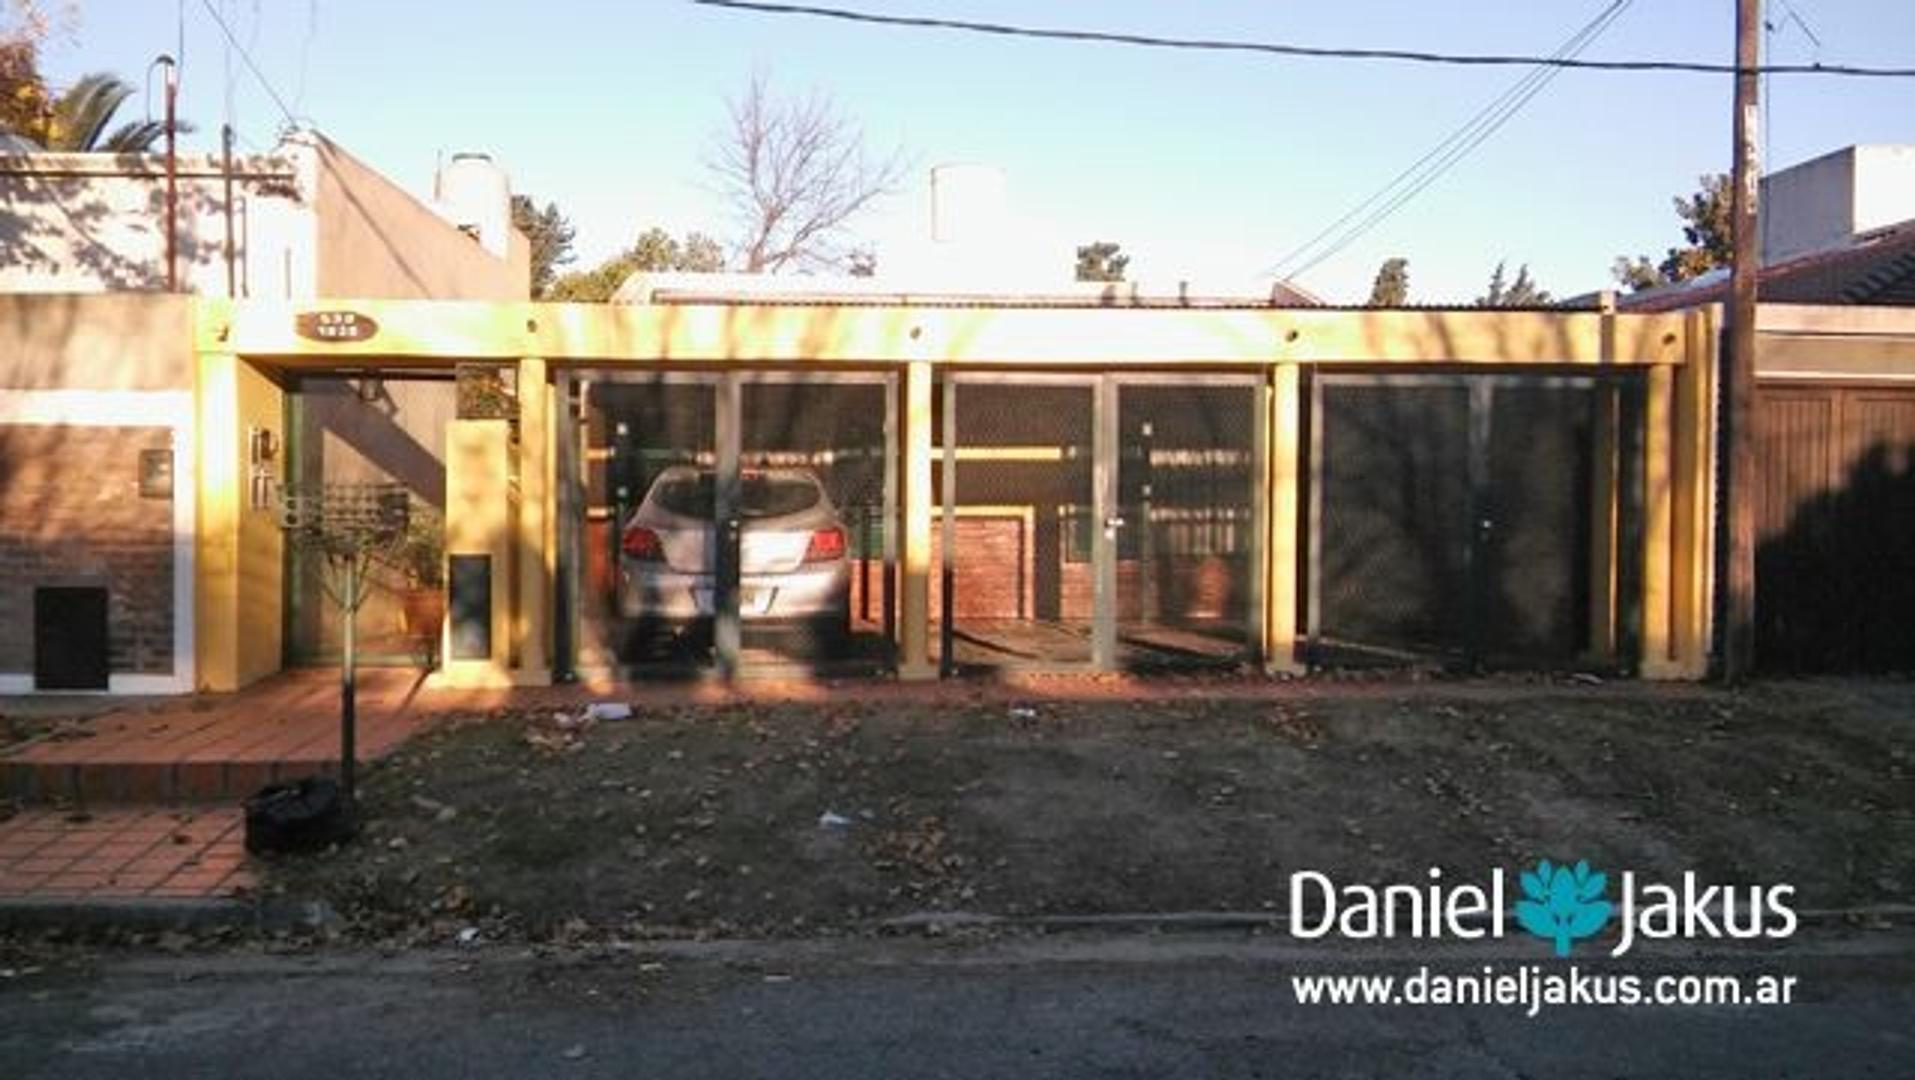 Departamento tipo PH en venta en calle 530 entre 13 y 14, Tolosa, La Plata, Daniel Jakus Propiedades